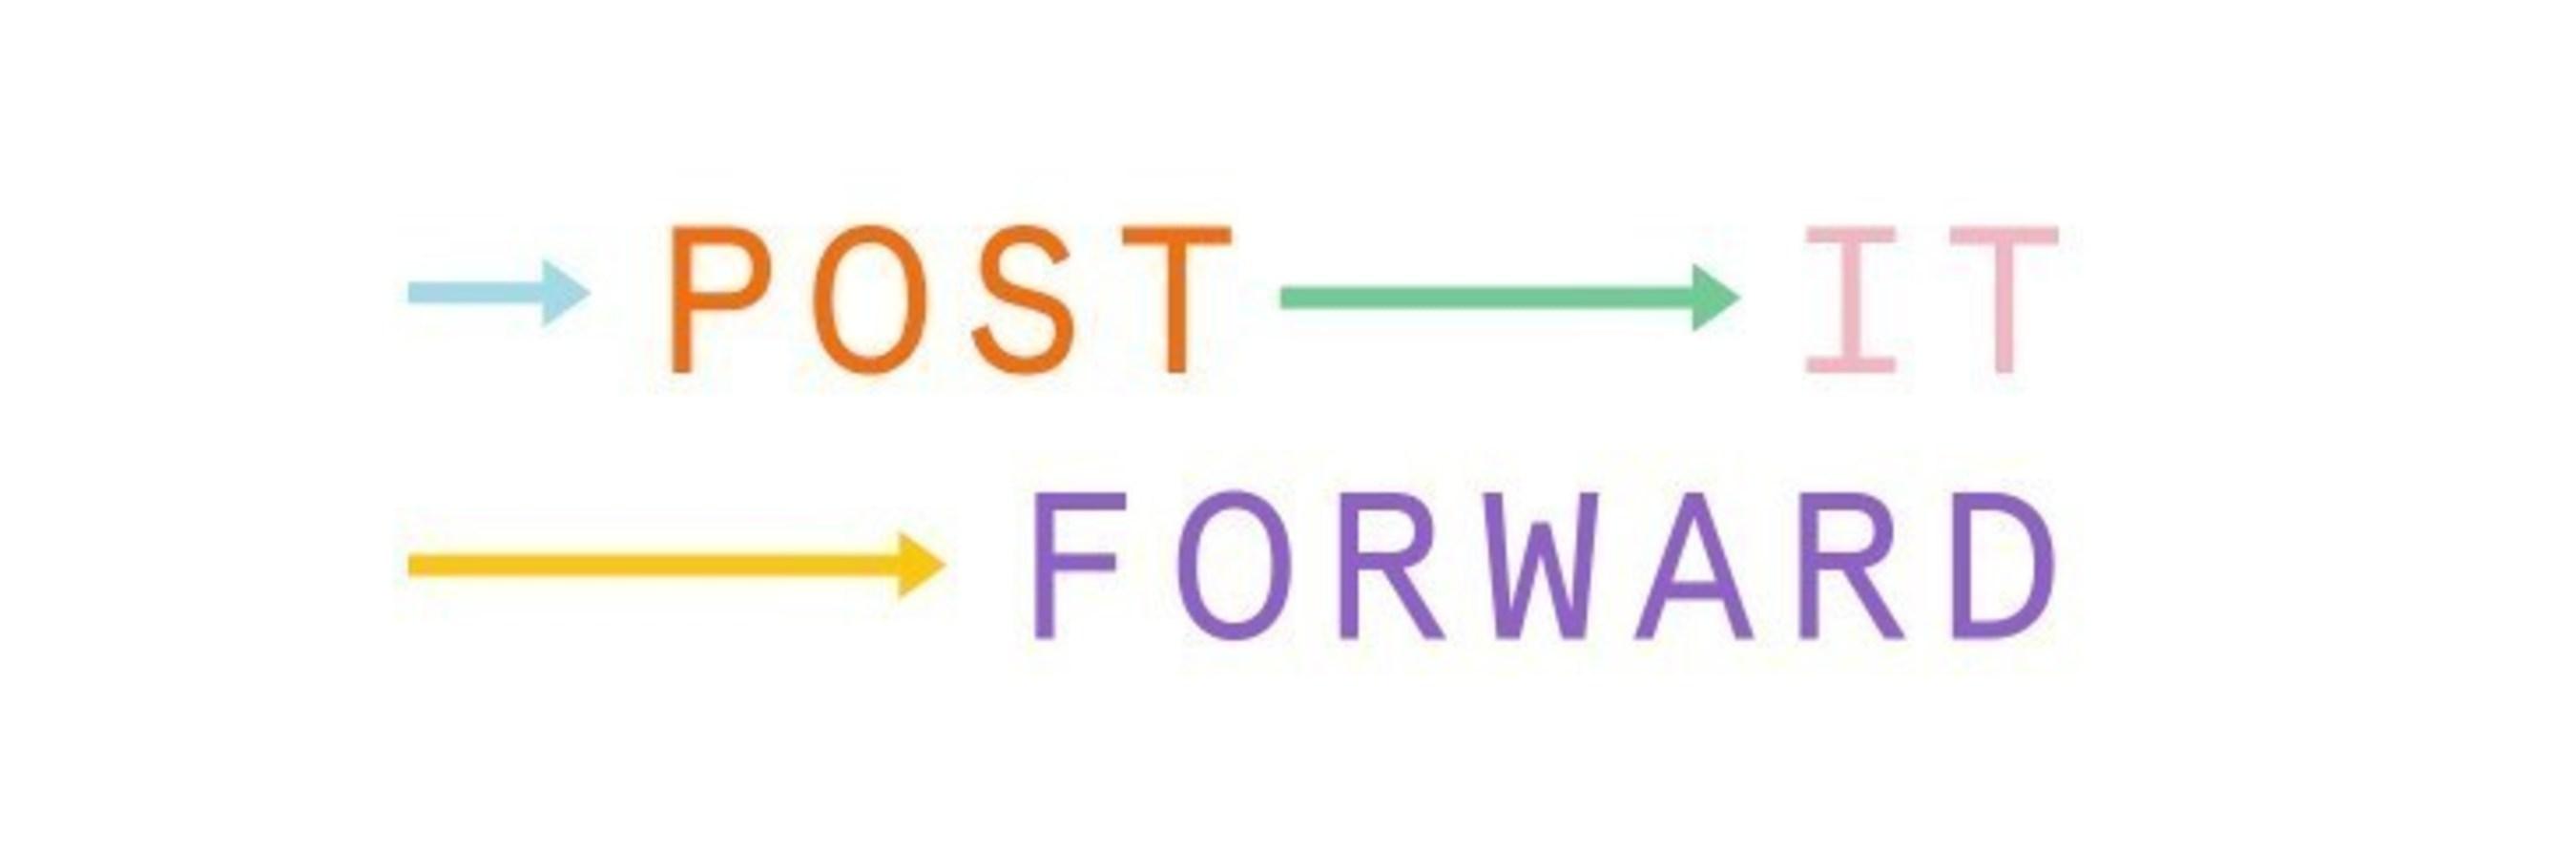 Post It Forward